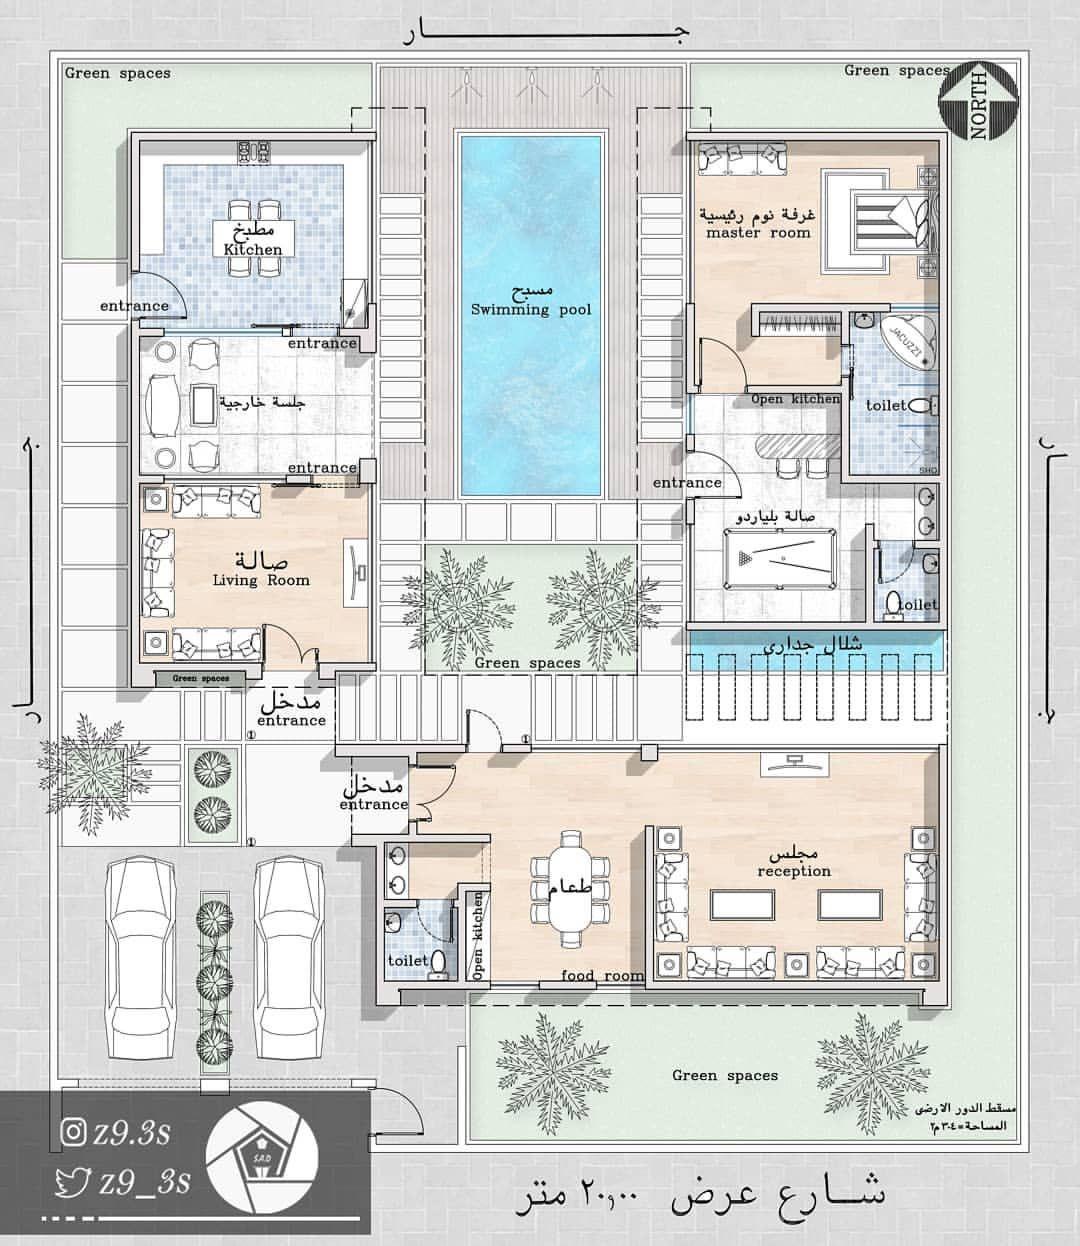 المدينة المنورة مخططات الرياض مخطط الشرقية فلل فيلا كروكي بيت مكة منزل منزلي جازان اب Floor Plan Design Home Map Design Architectural Floor Plans